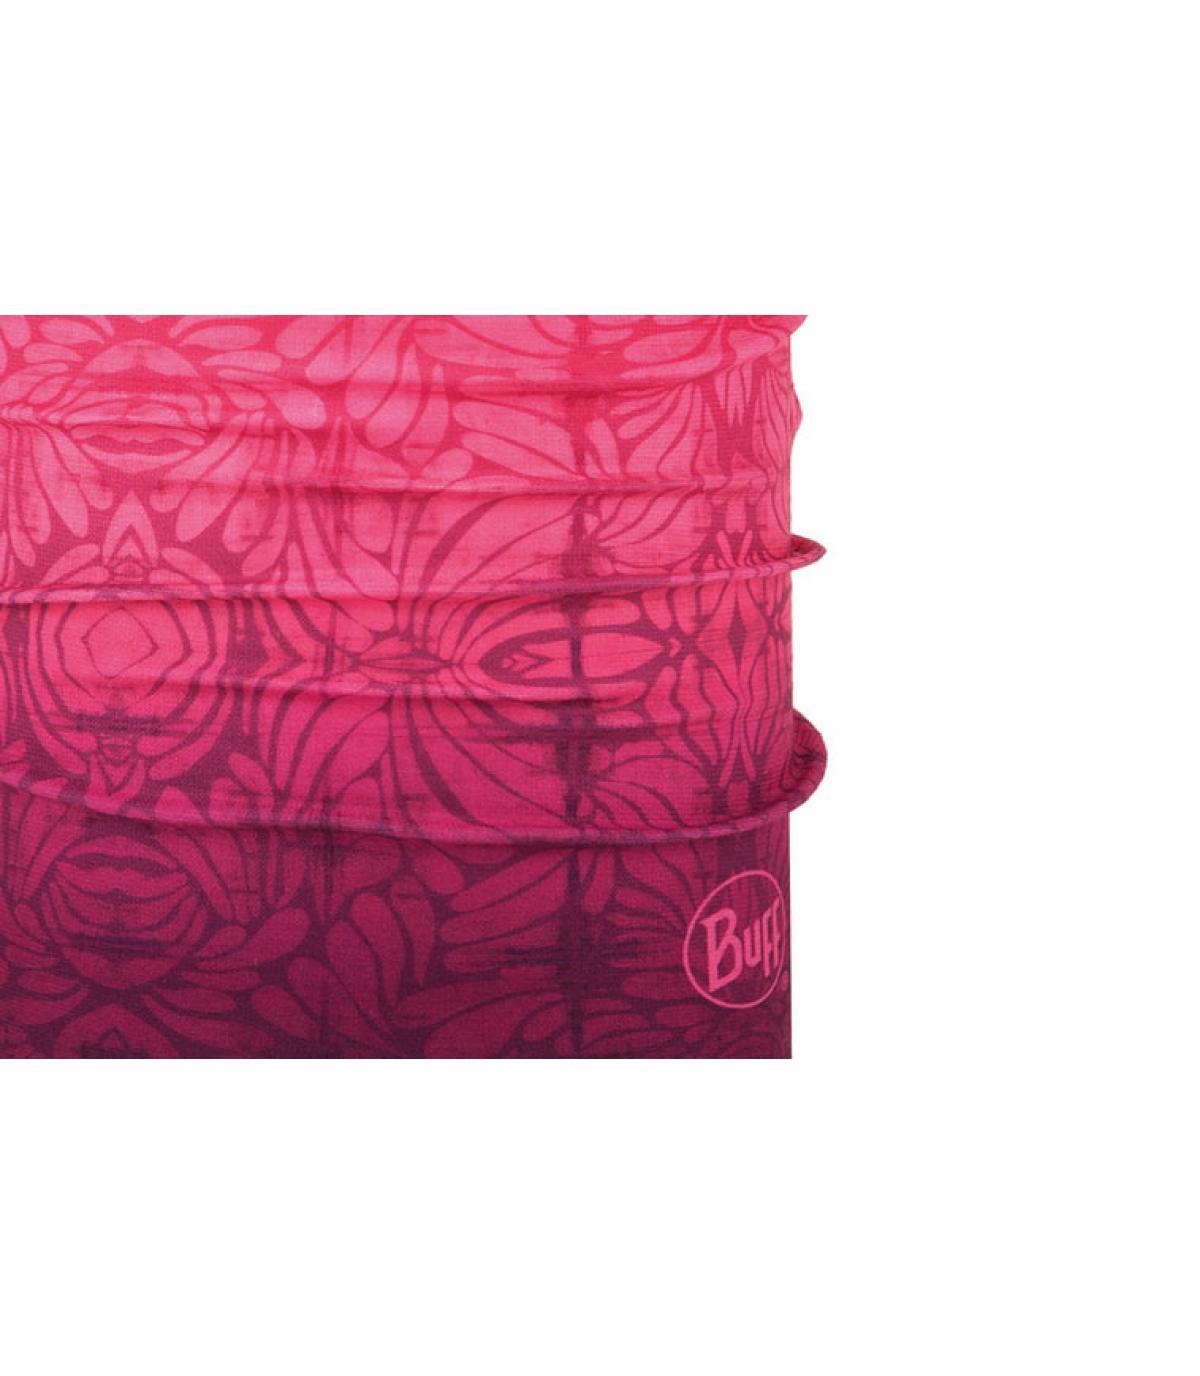 Details Original Boronia Pink - afbeeling 2